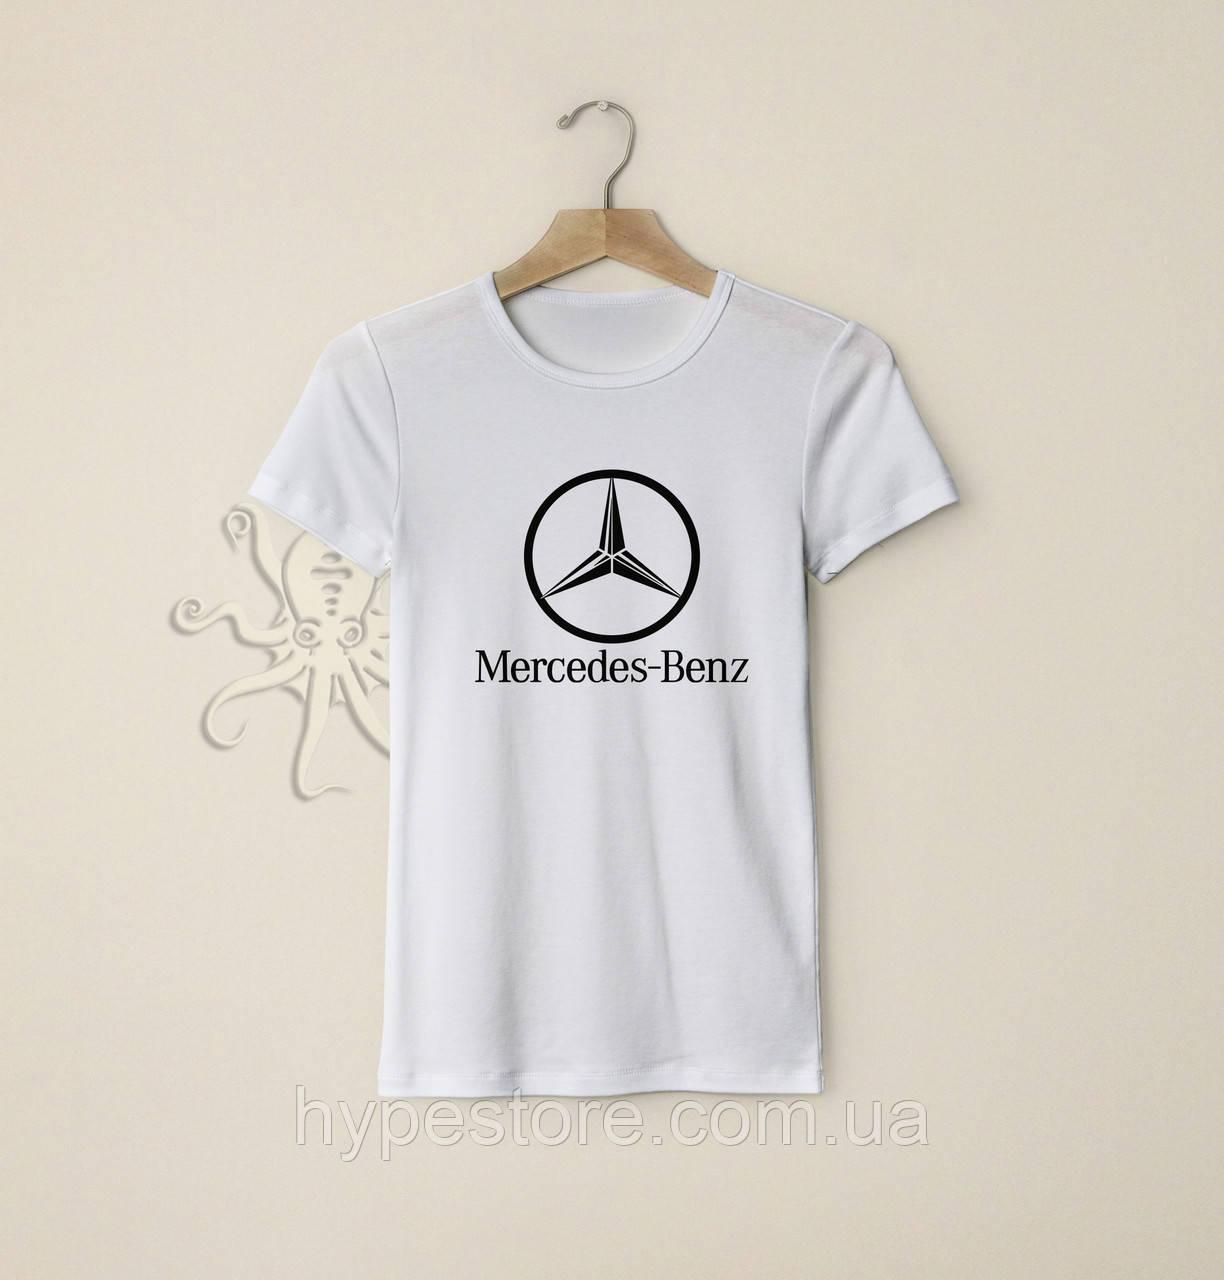 Мужская белая футболка, чоловіча футболка Mercedes-Benz, Реплика